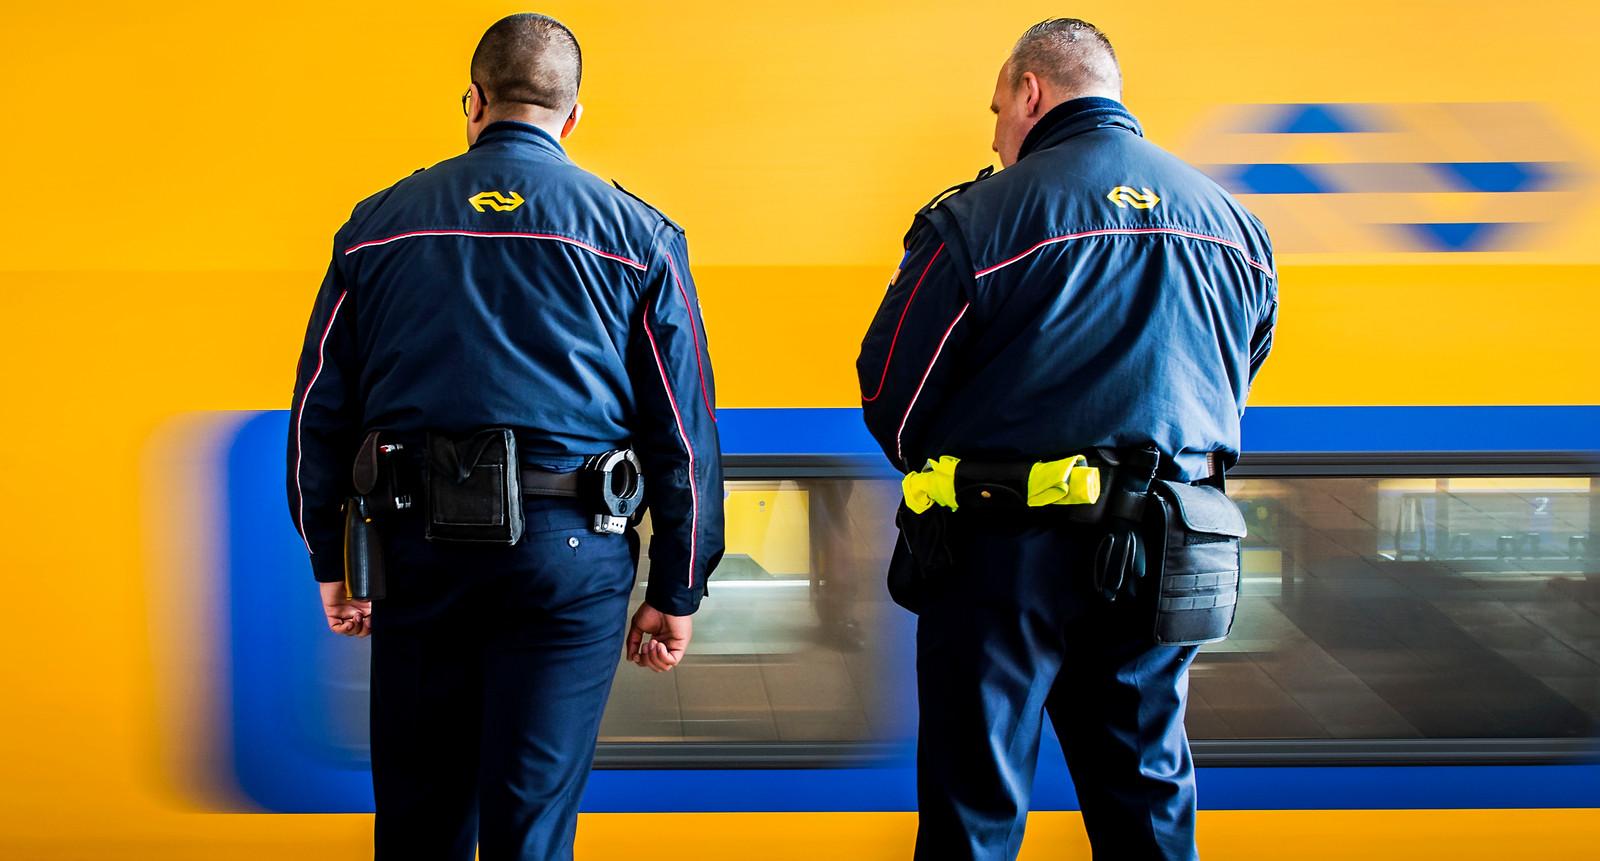 Service- en veiligheidsmedewerkers van de NS op het station. Beeld ter illustratie, de medewerkers op de foto komen niet voor in het verhaal.